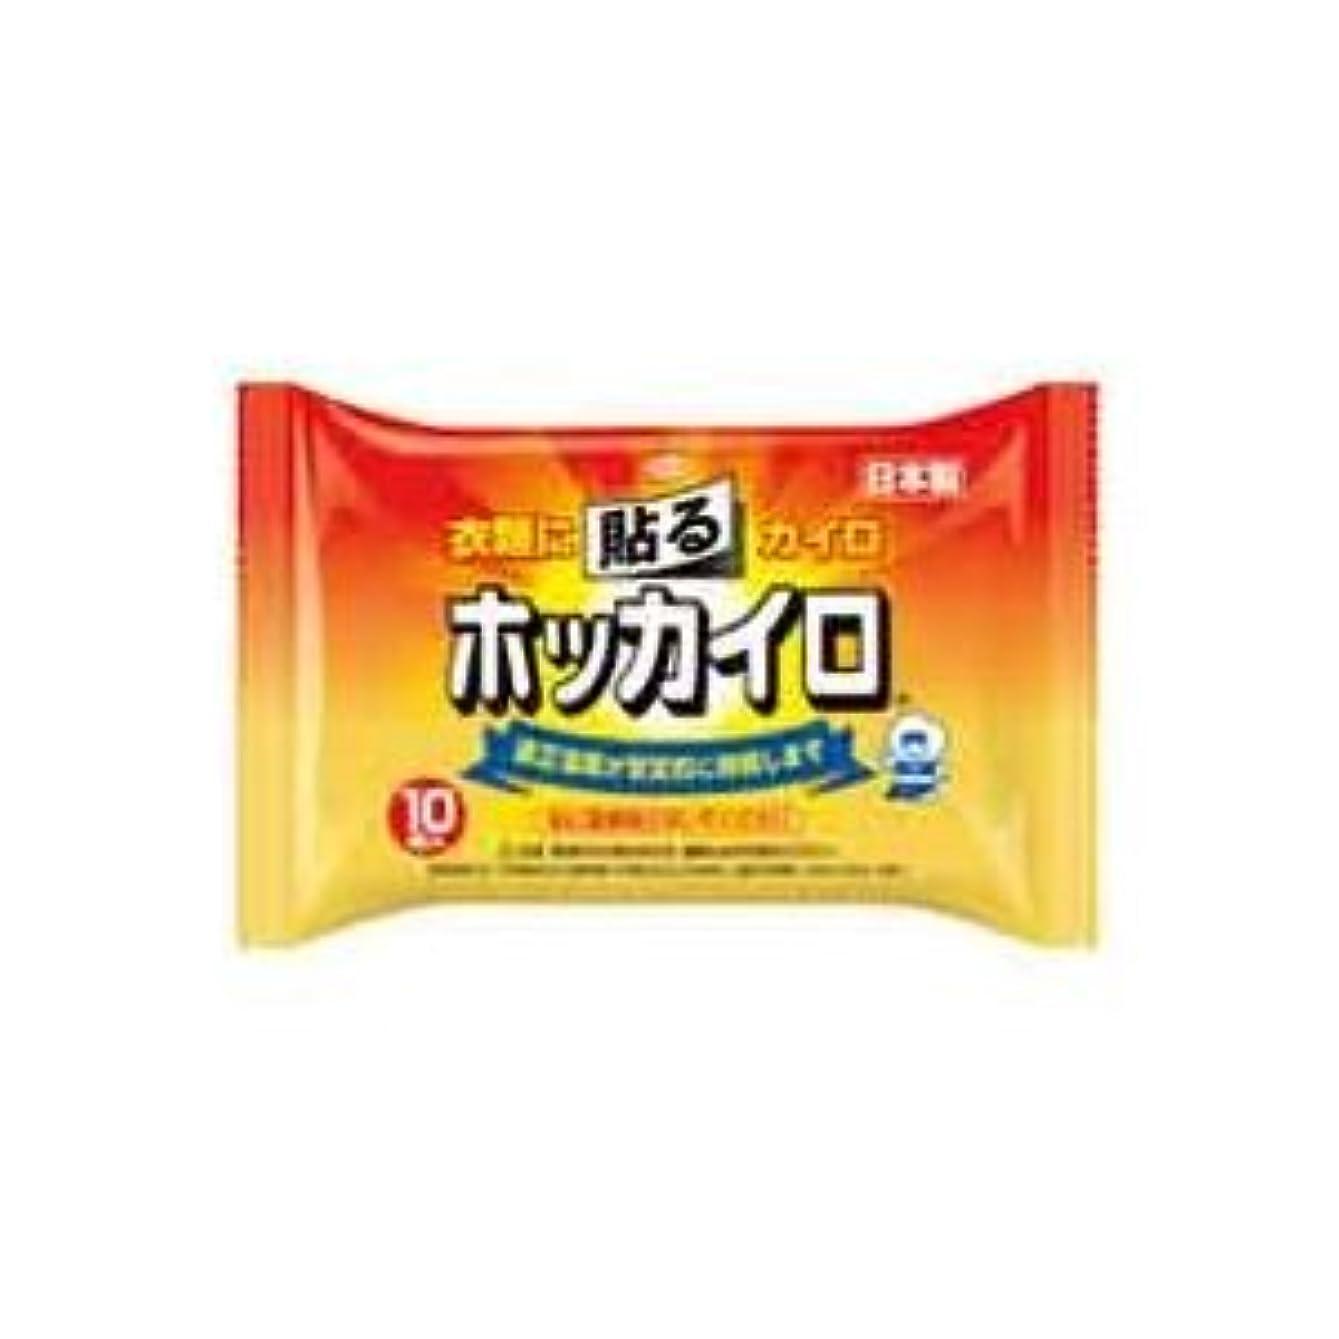 砂ベイビーはさみ(業務用2セット)興和新薬 貼るホッカイロ 10個入×24パック